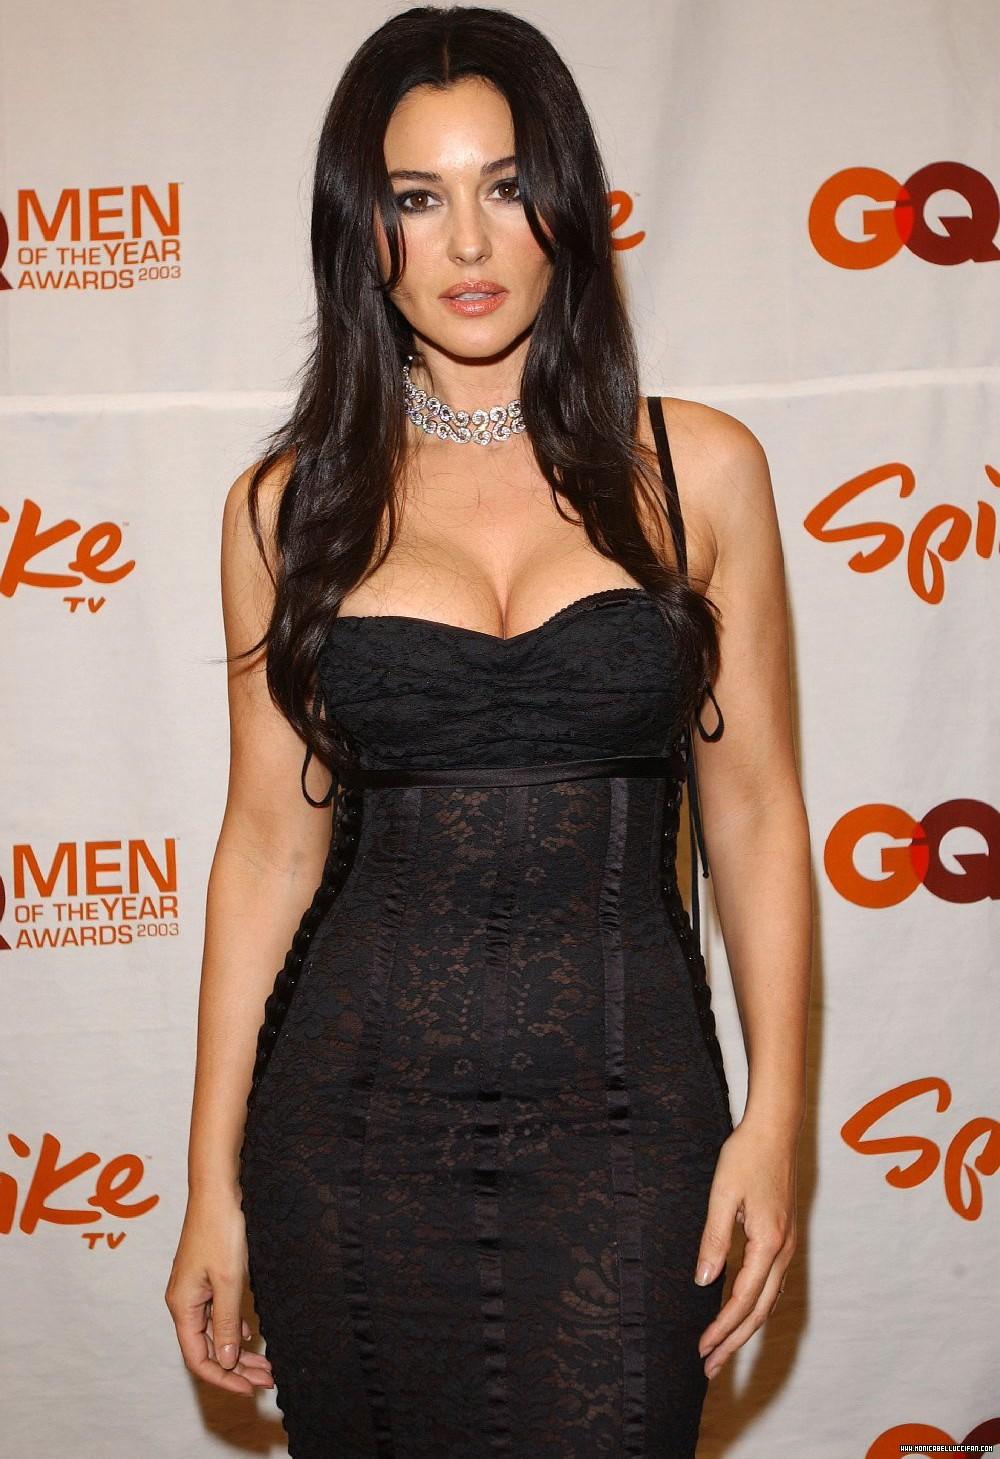 На фото: черное платье декольте.